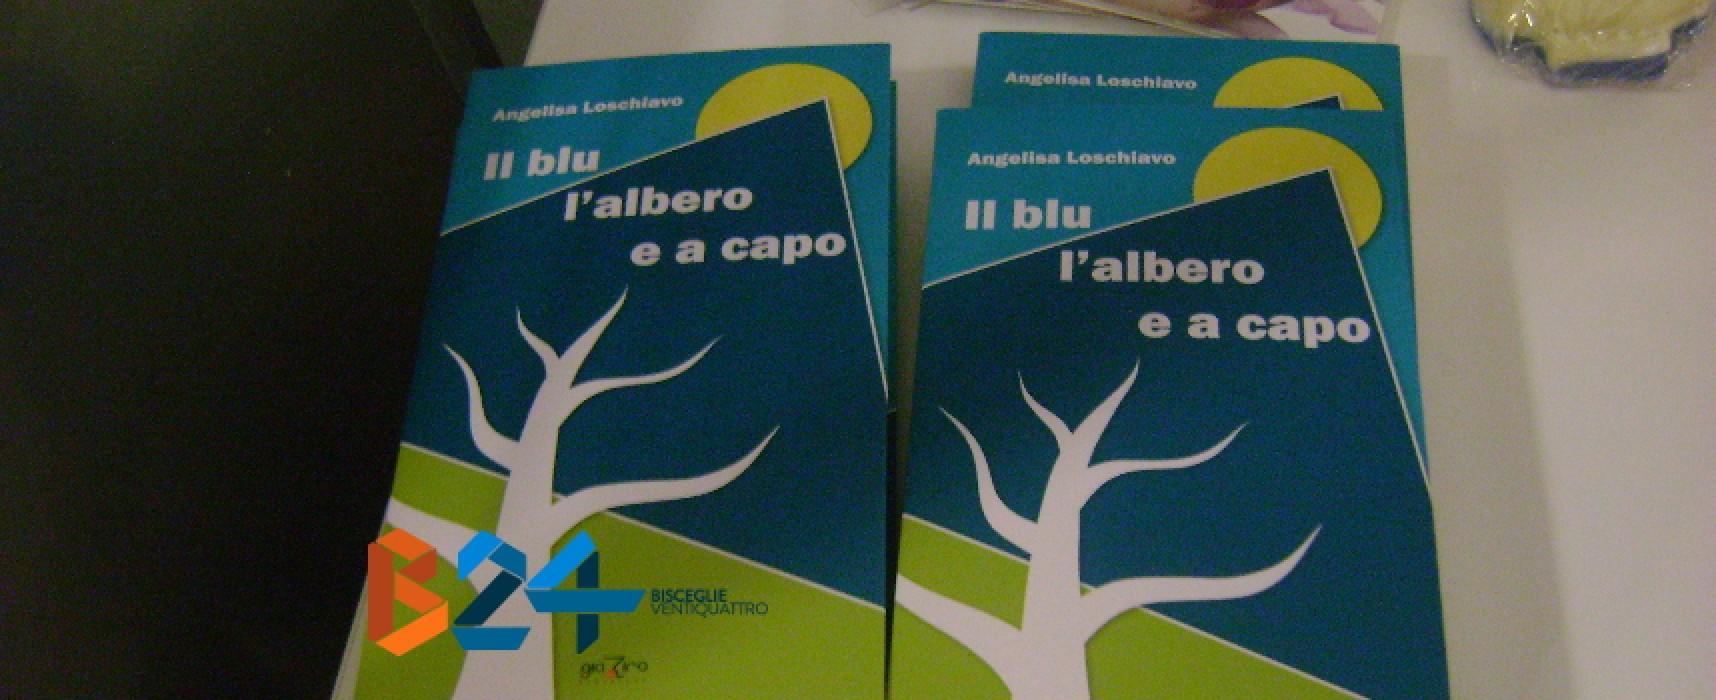 """""""Autumn in Blues"""": presentazione """"Il blu, l'albero e a capo"""" e degustazione di tisane / FOTO"""